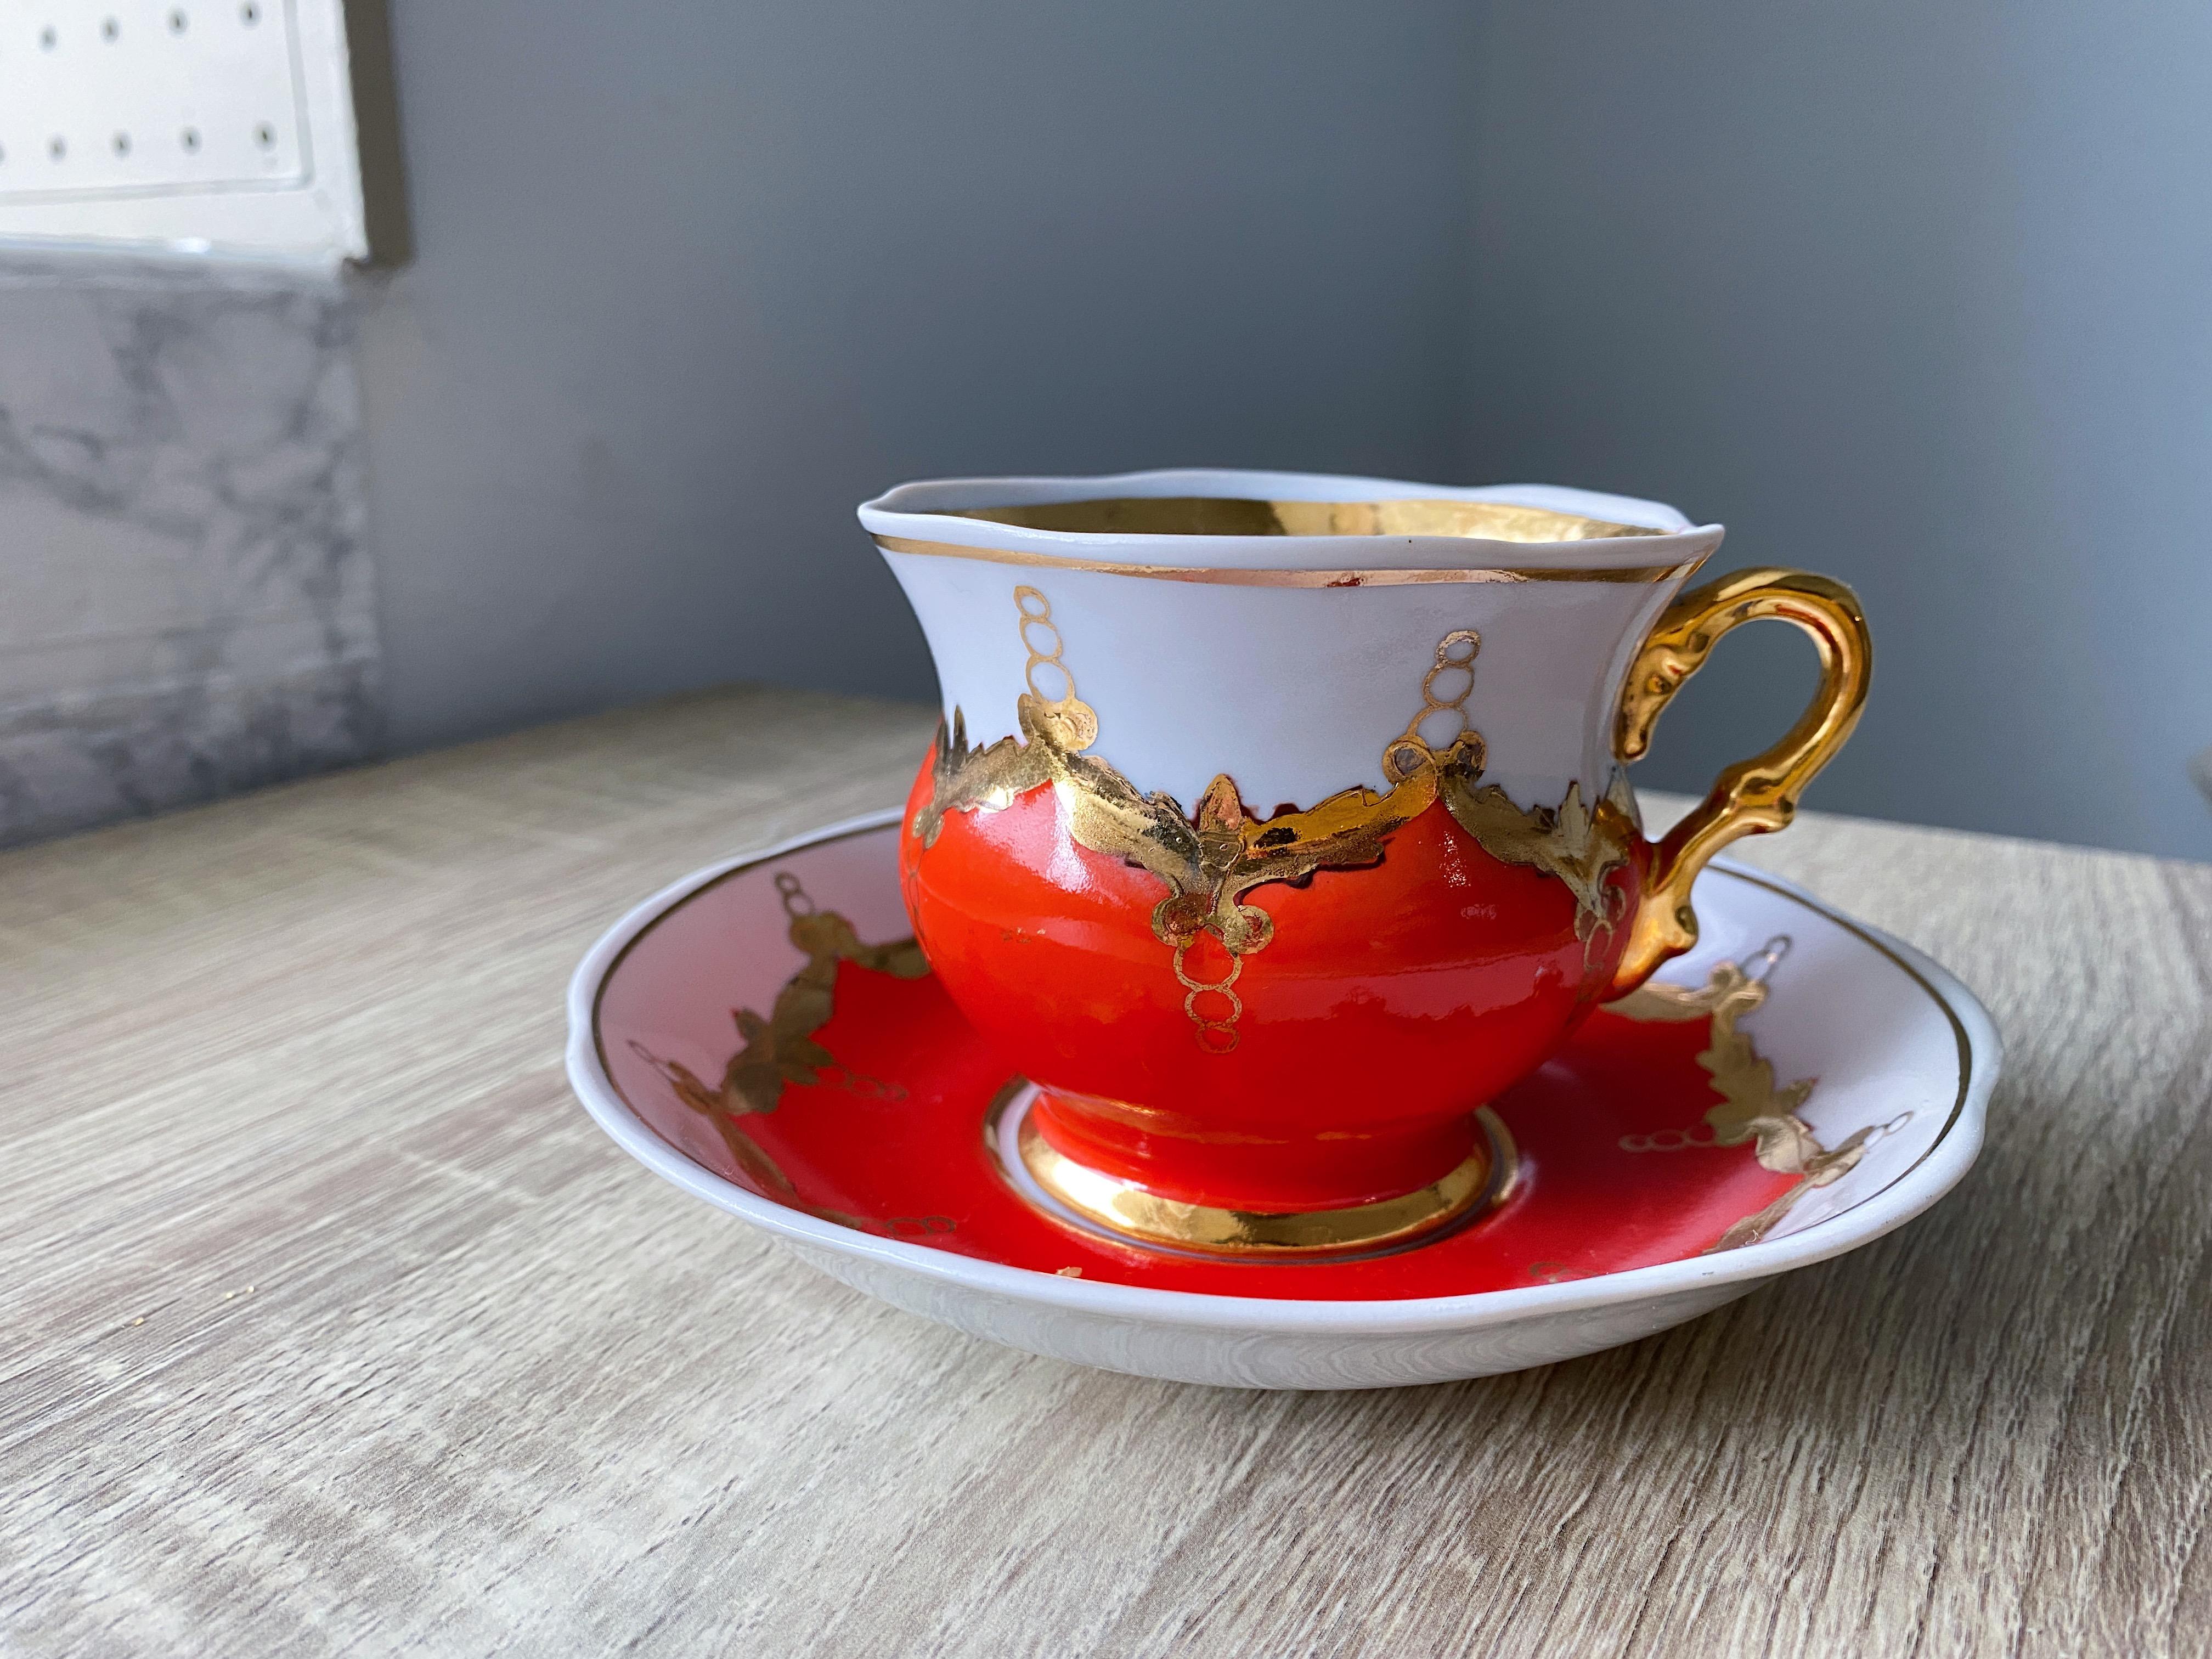 USSR旧ソビエト製 1950年代ヴィンテージコーヒーカップ